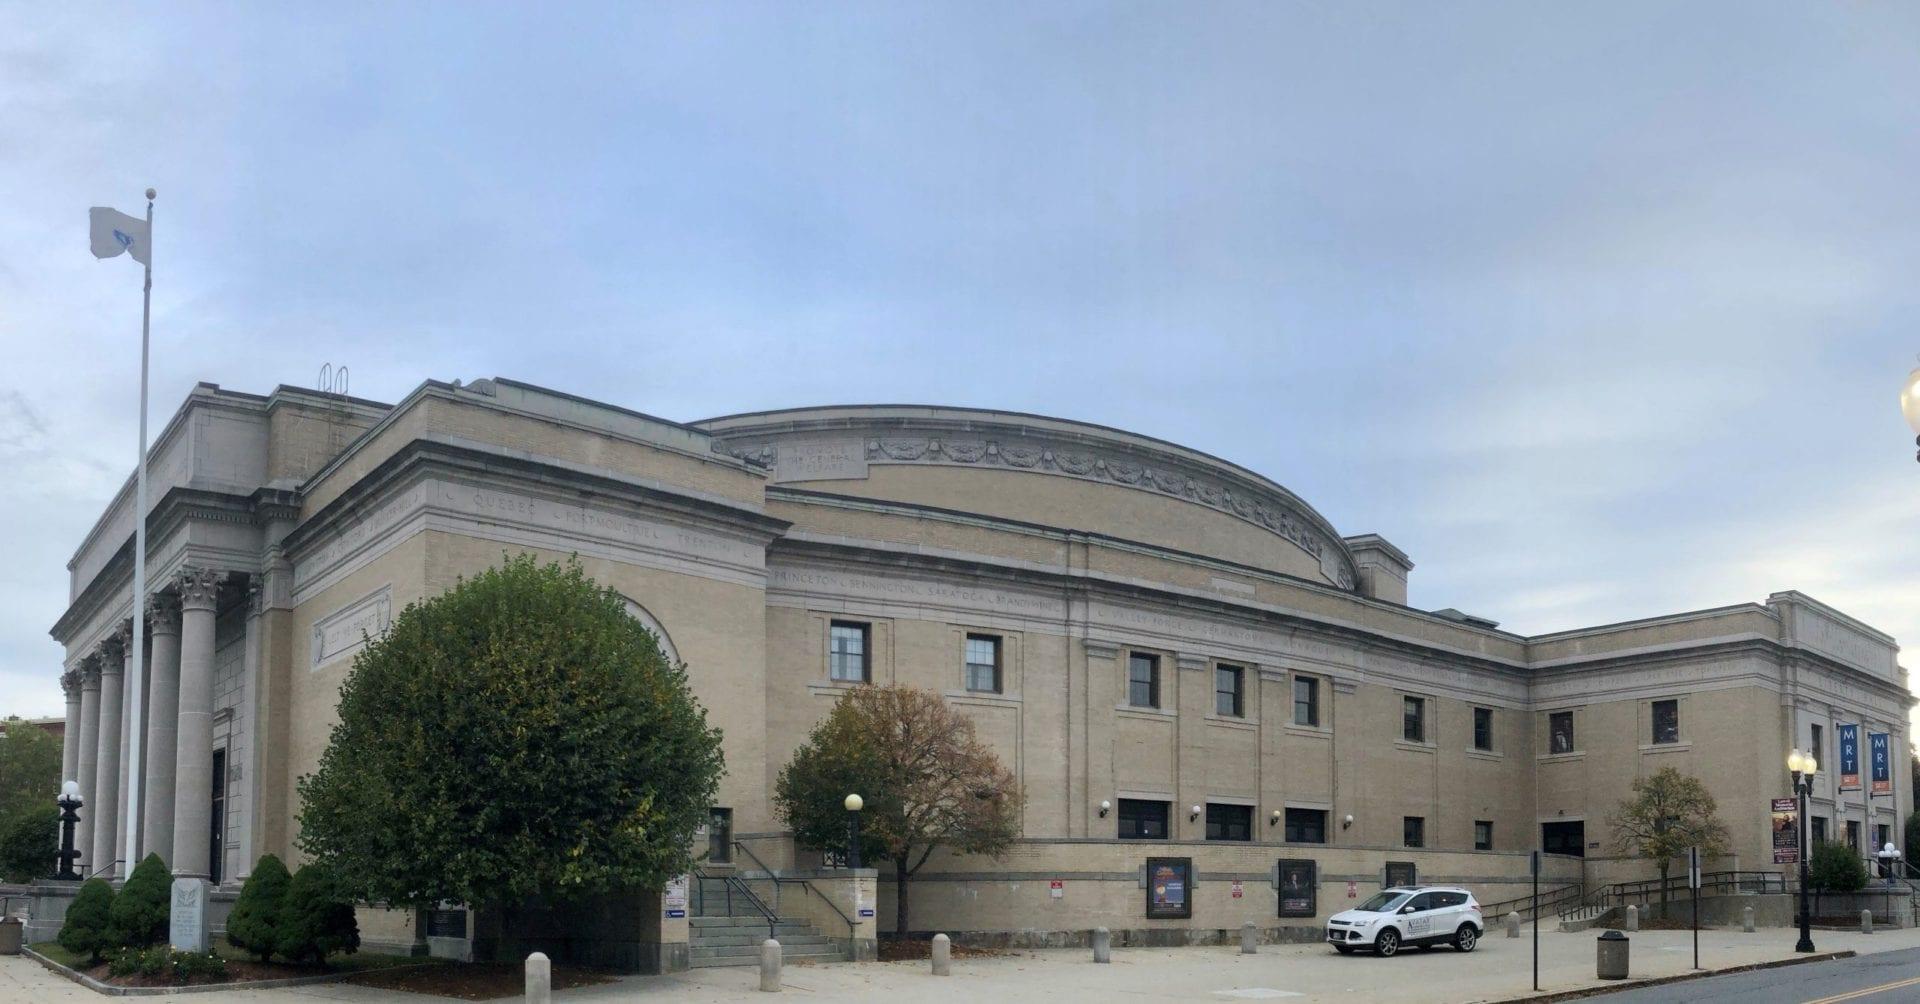 Lowell-Memorial-Auditorium-001